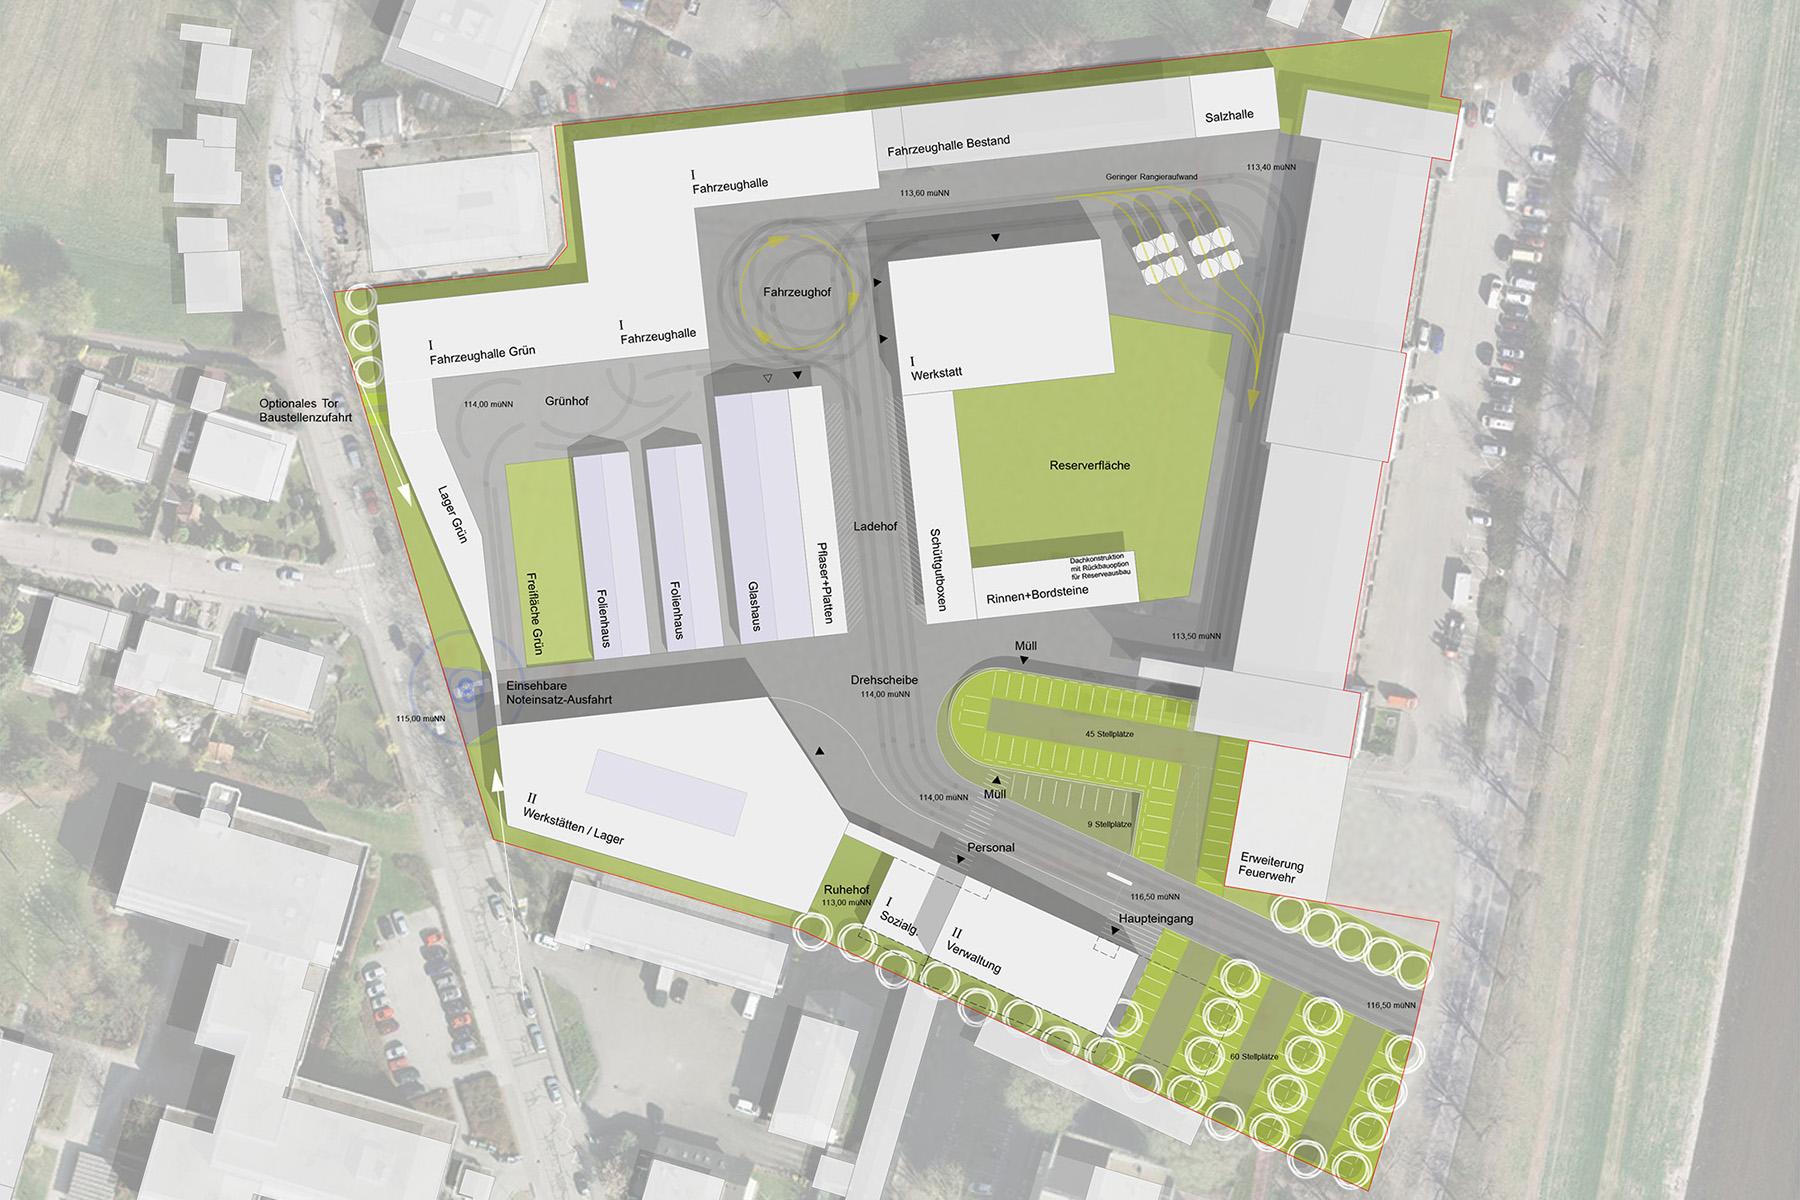 Technische Betriebe Rastatt Lageplan